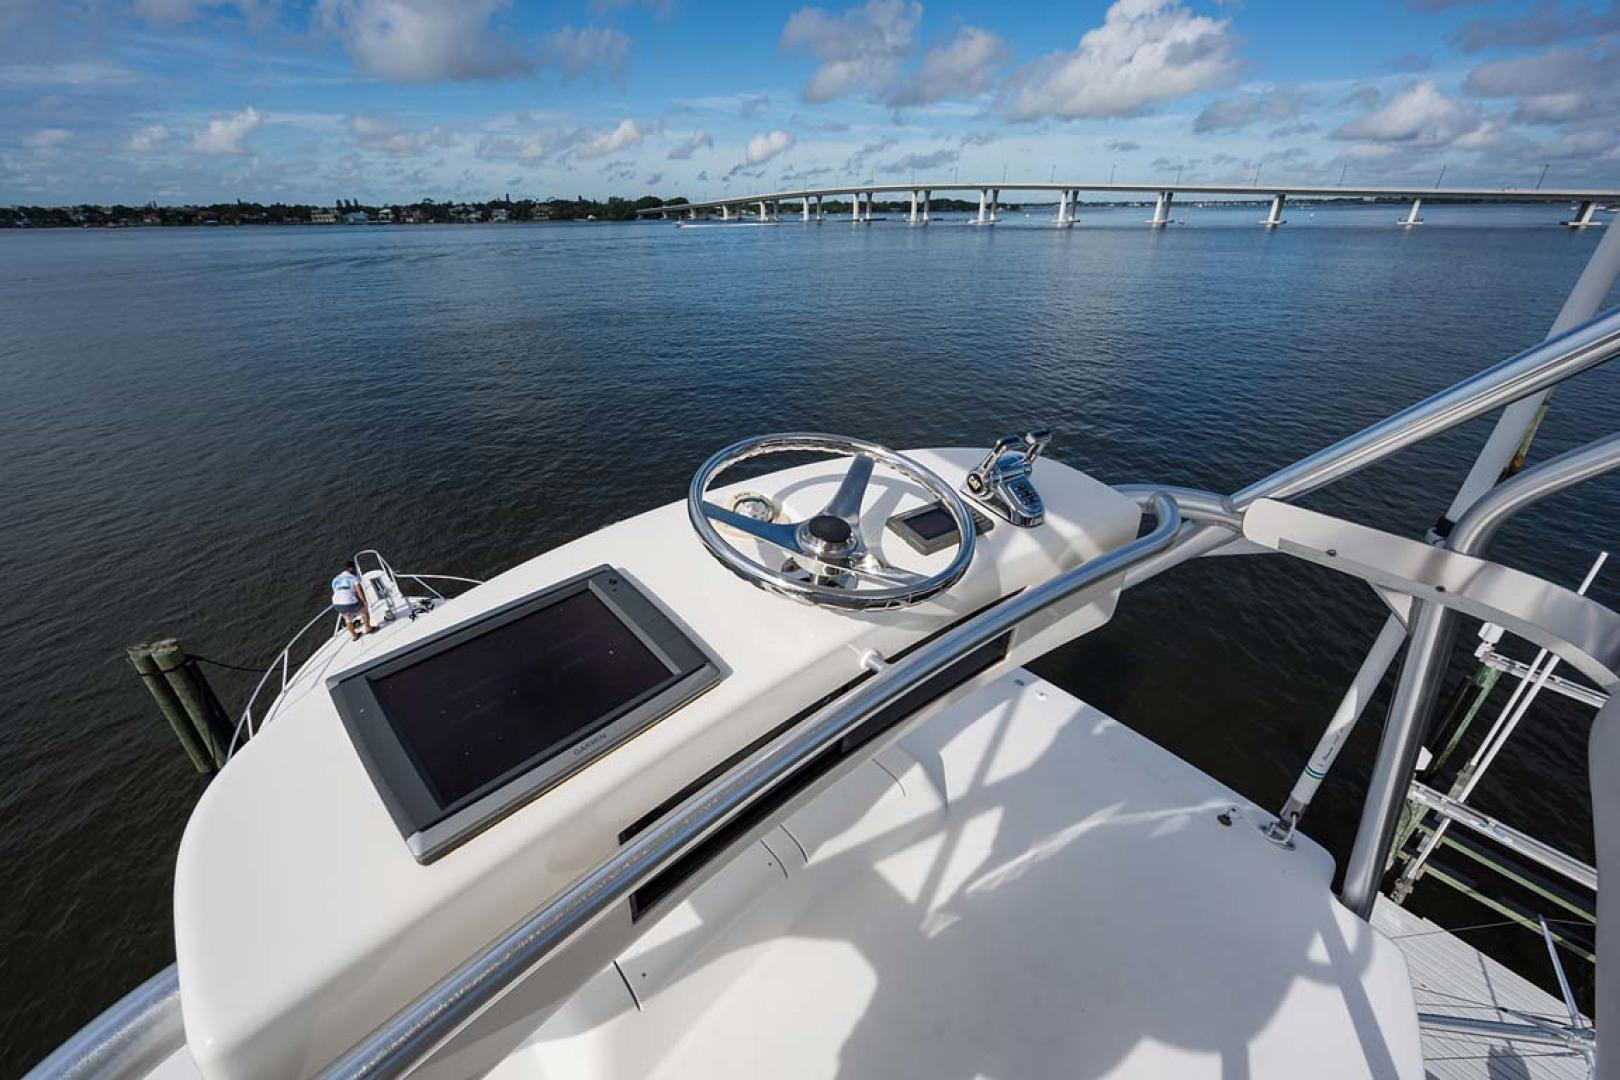 Viking-Sportfish 2007-Silver Fox Stuart-Florida-United States-Garmin Plotter & Sounder-1255875   Thumbnail